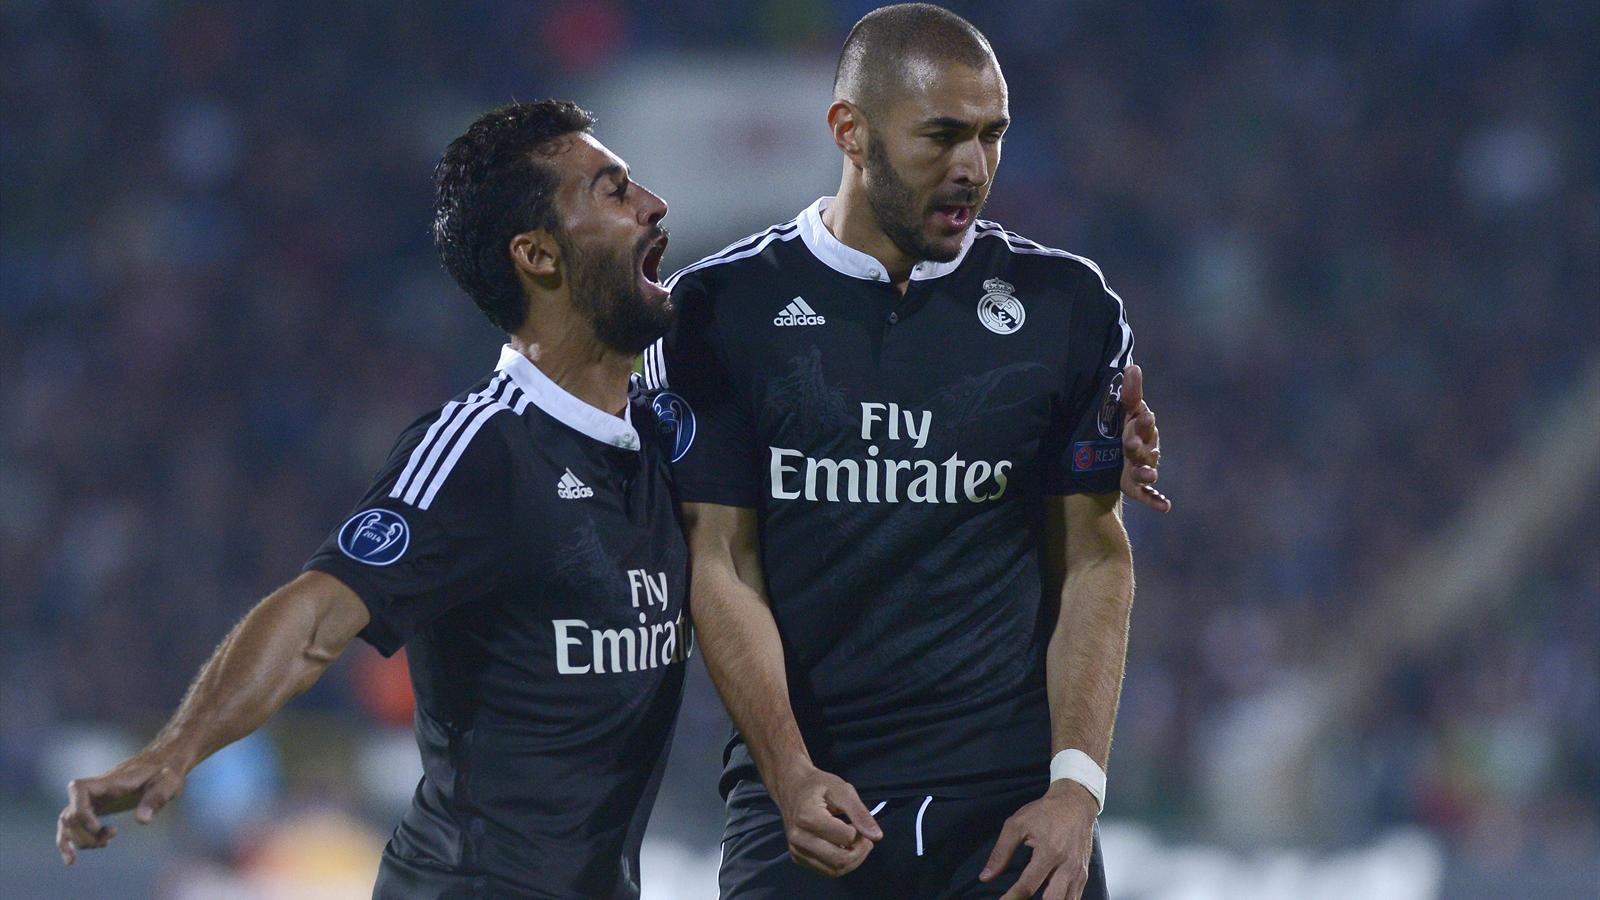 Ligue des champions - 2e journée : Le Real souffre mais s'impose à Ludogorets grâce à Karim Benzema